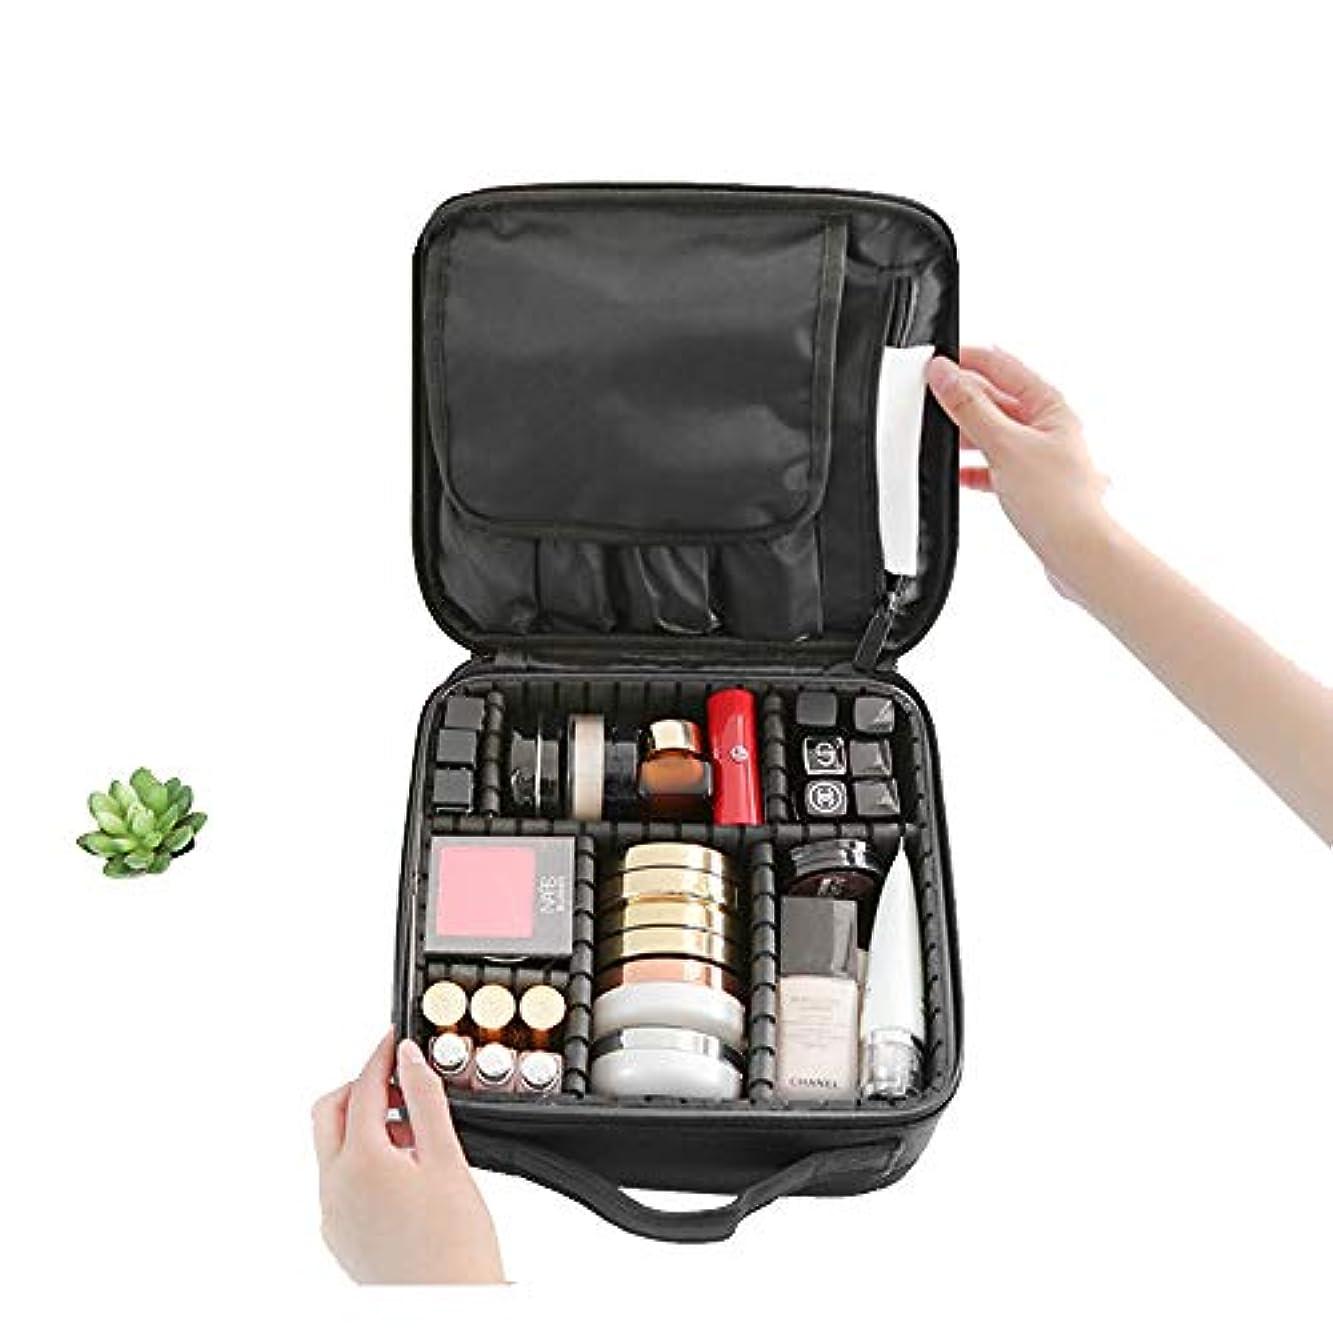 目指す余計なビン化粧バッグ/化粧バッグ、調整可能な仕切り付き化粧ケース、旅行用化粧バッグオーガナイザーとして使用、女性用ポータブル防水化粧バッグ